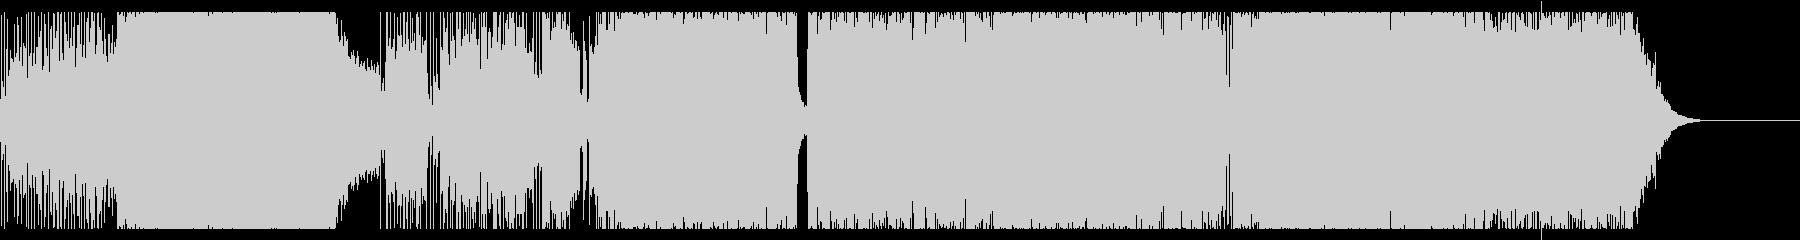 疾走感あるロック調サウンドの未再生の波形